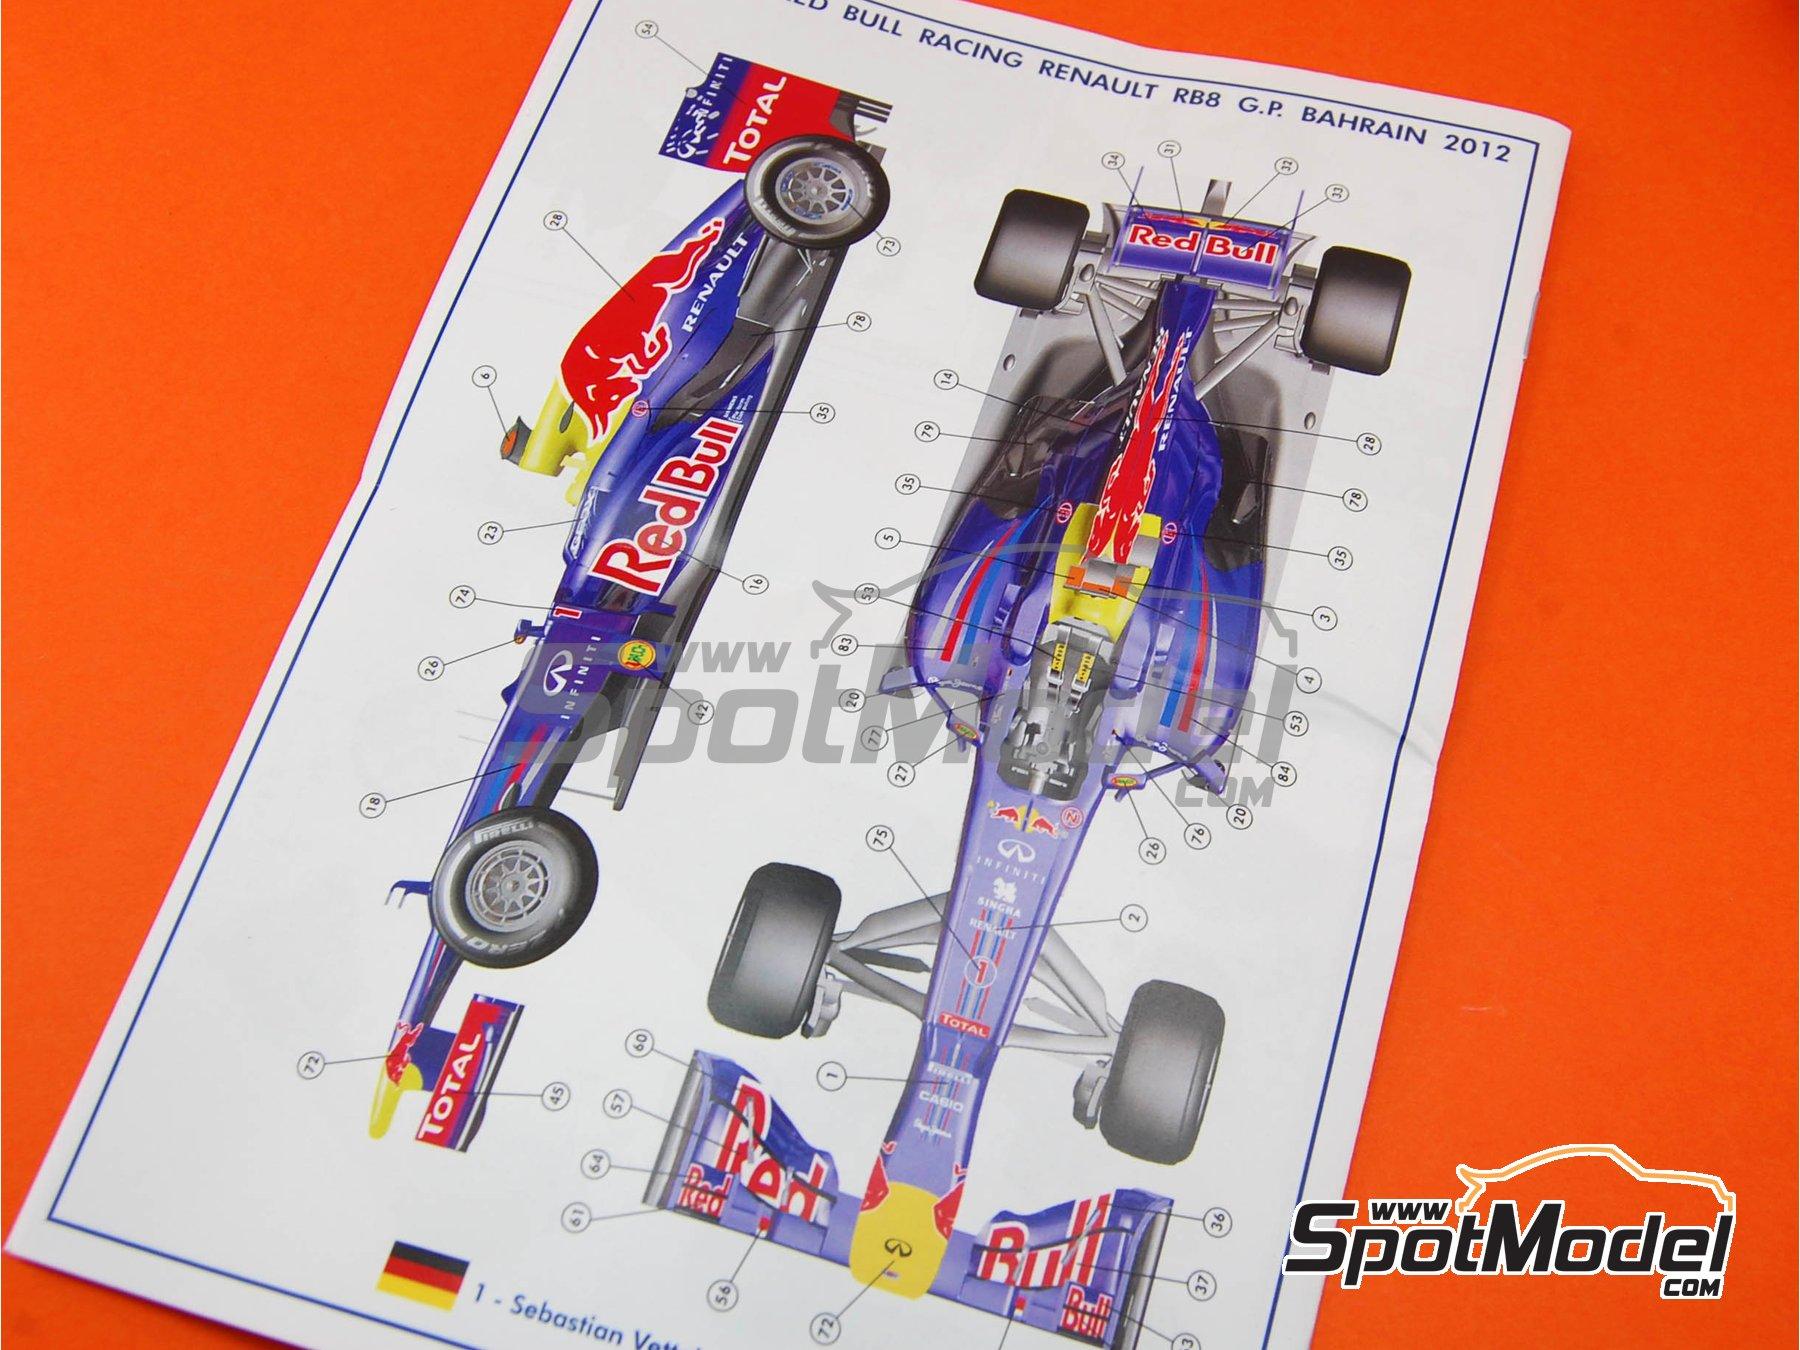 Image 6: RB Racing Renault RB8 - Gran Premio de Fórmula 1 de Bahrein 2012 | Maqueta de coche en escala1/43 fabricado por Tameo Kits (ref.TMK407)